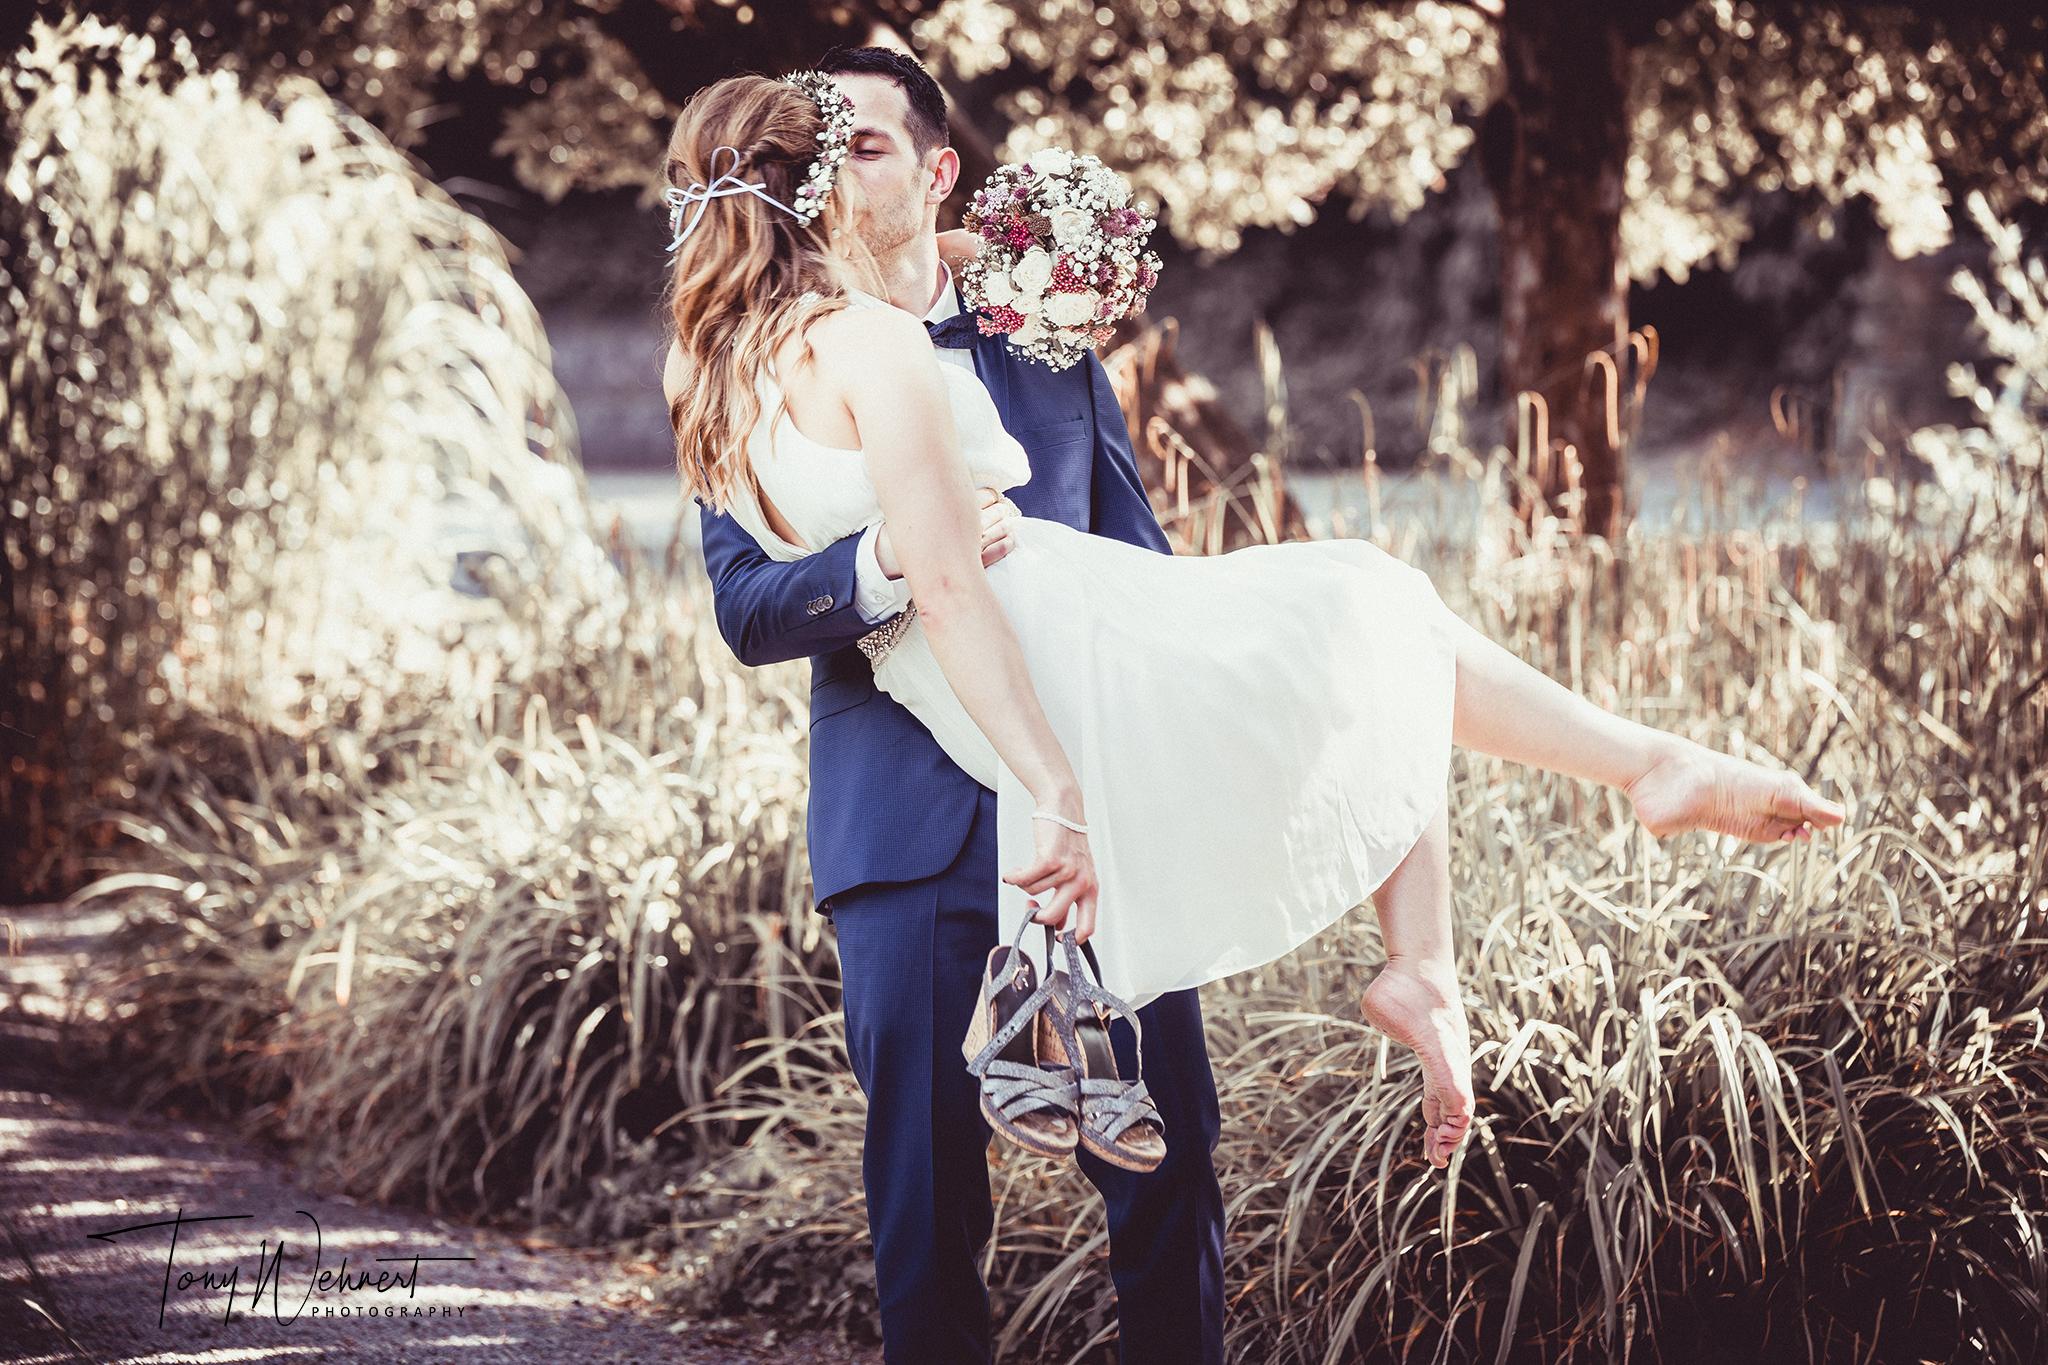 Hochzeitsbild eines jungen Paars mit starker Bearbeitung im Grünen